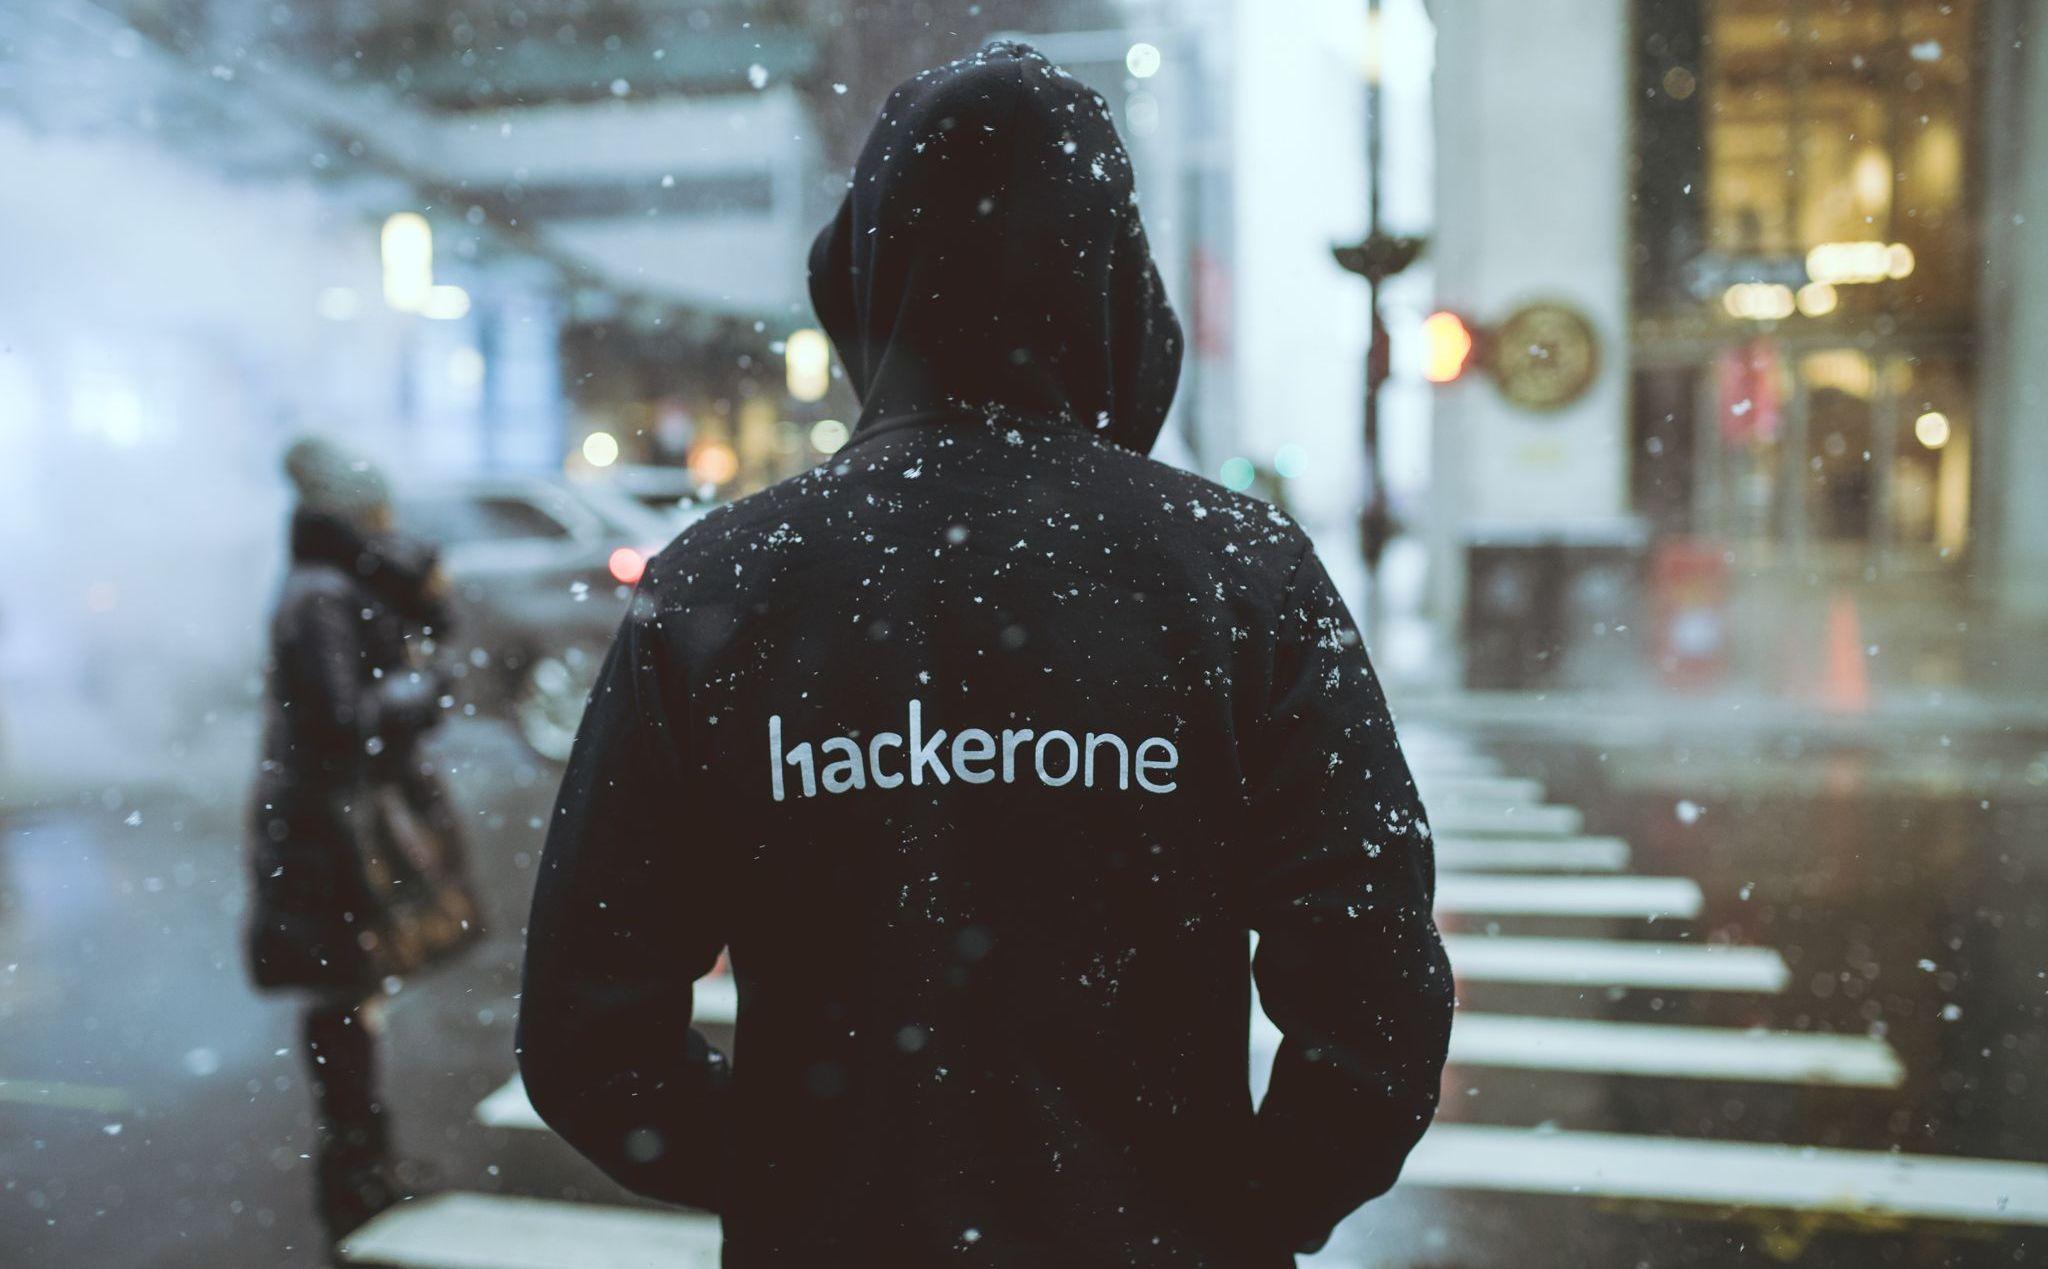 Фирмы используют баг-баунти, чтобы купить молчание хакеров - 1